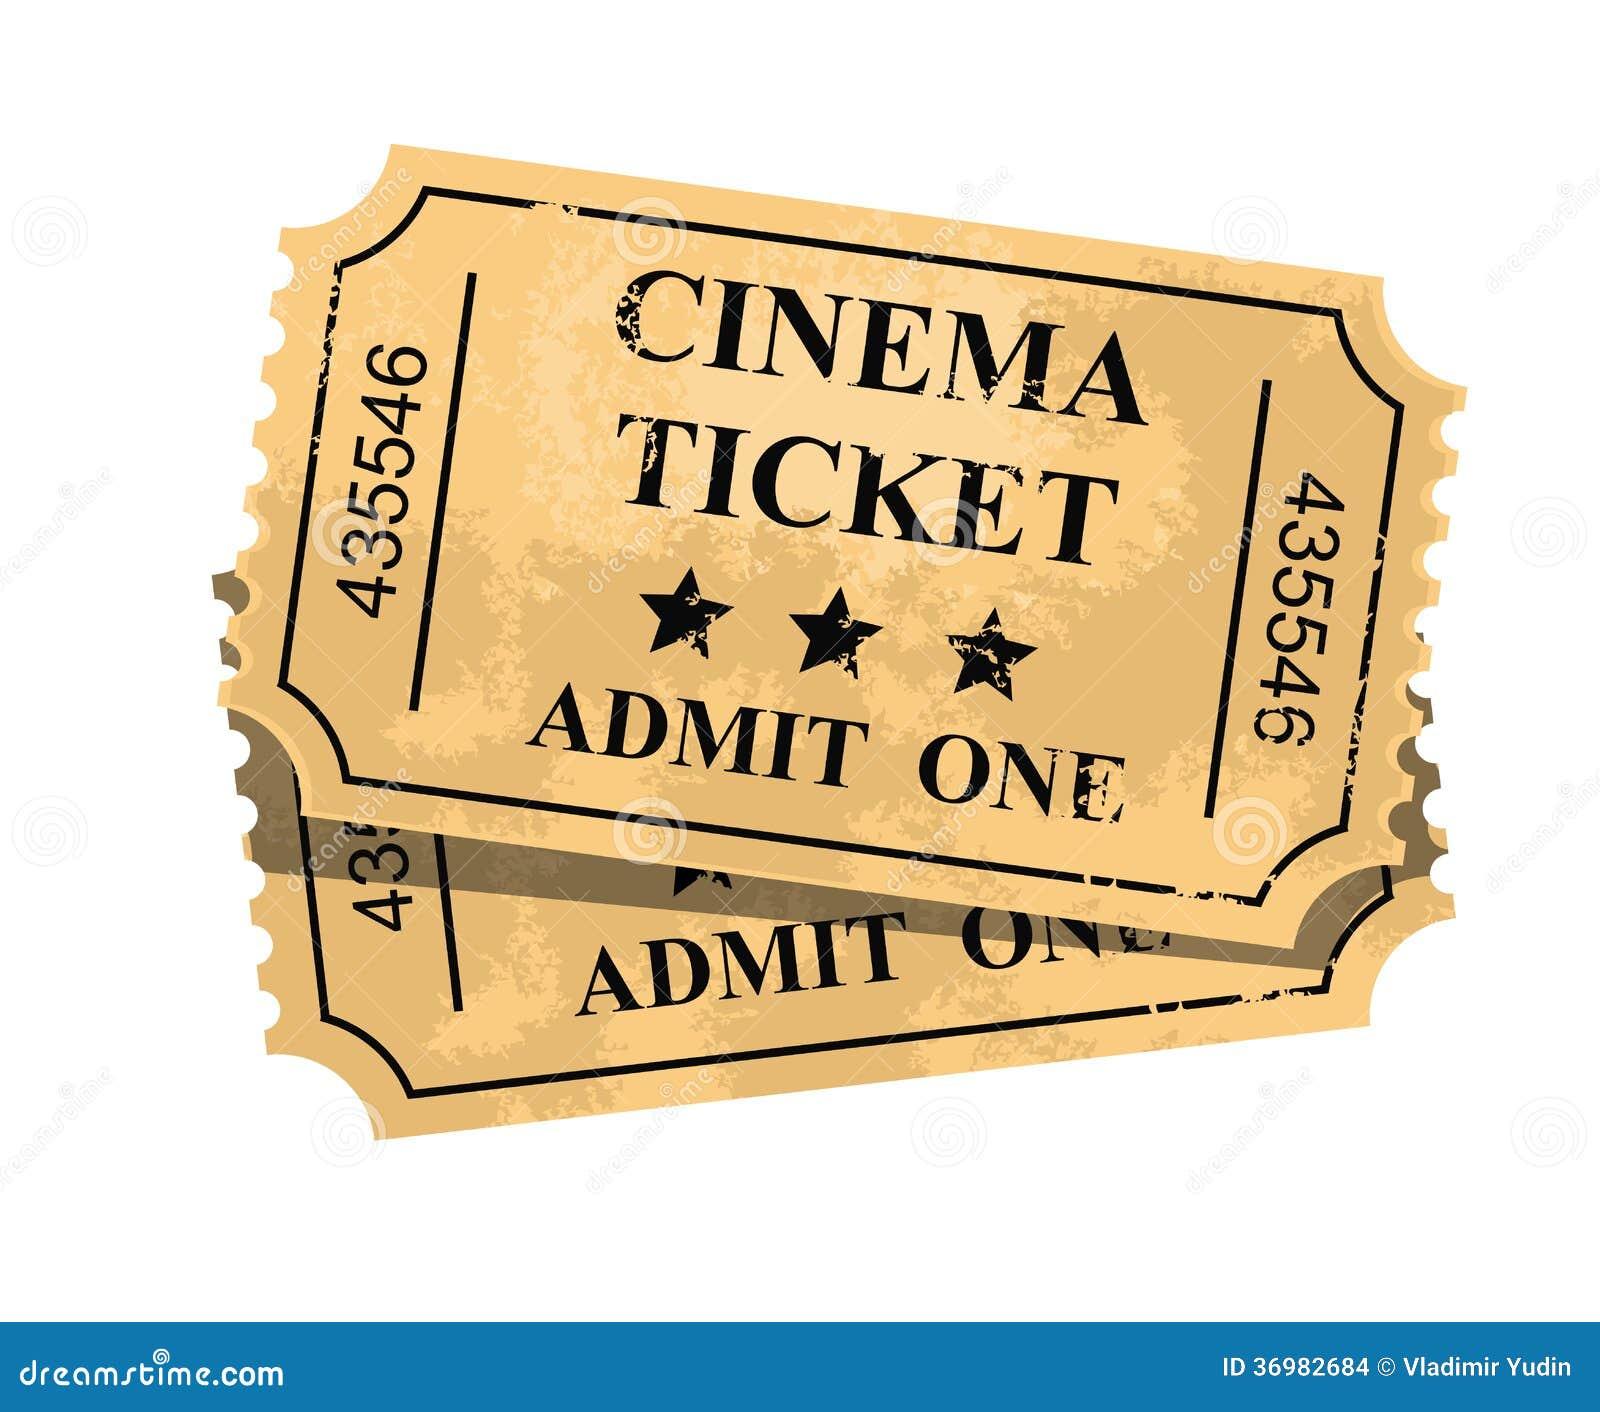 movie admit one ticket template .